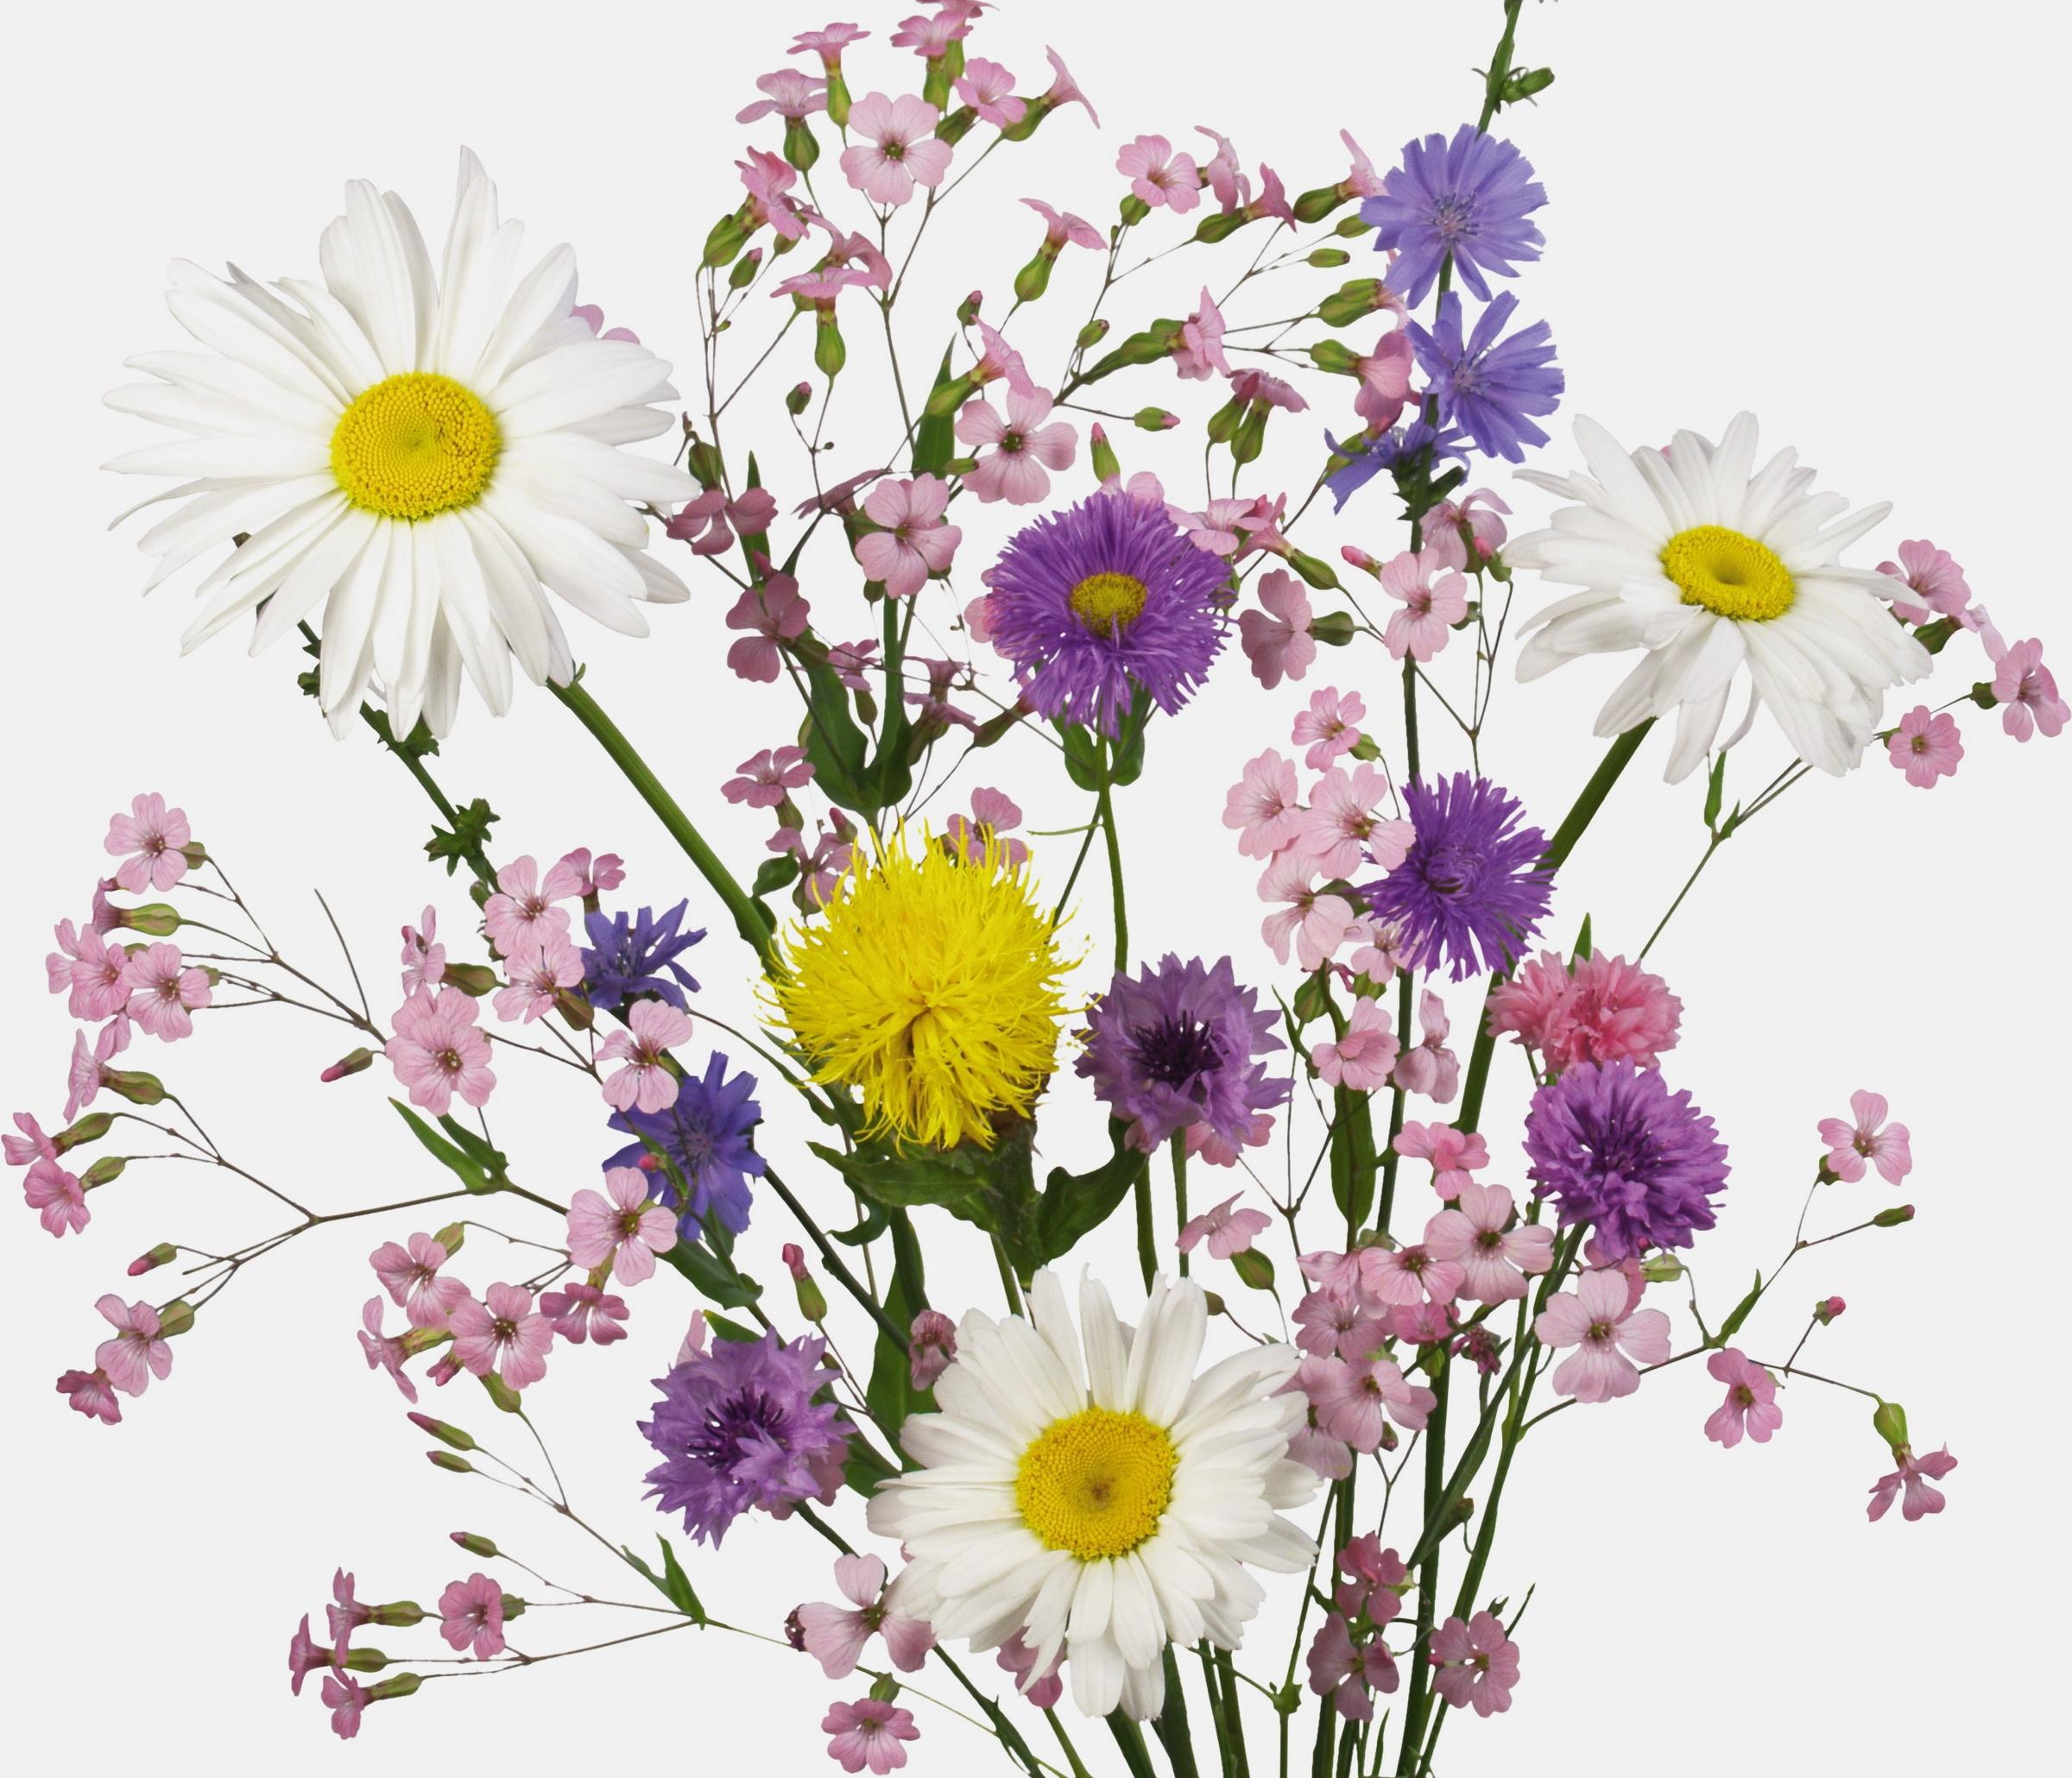 Fondos de pantalla flores rama cornflowers margaritas - Cortar hierba alta ...